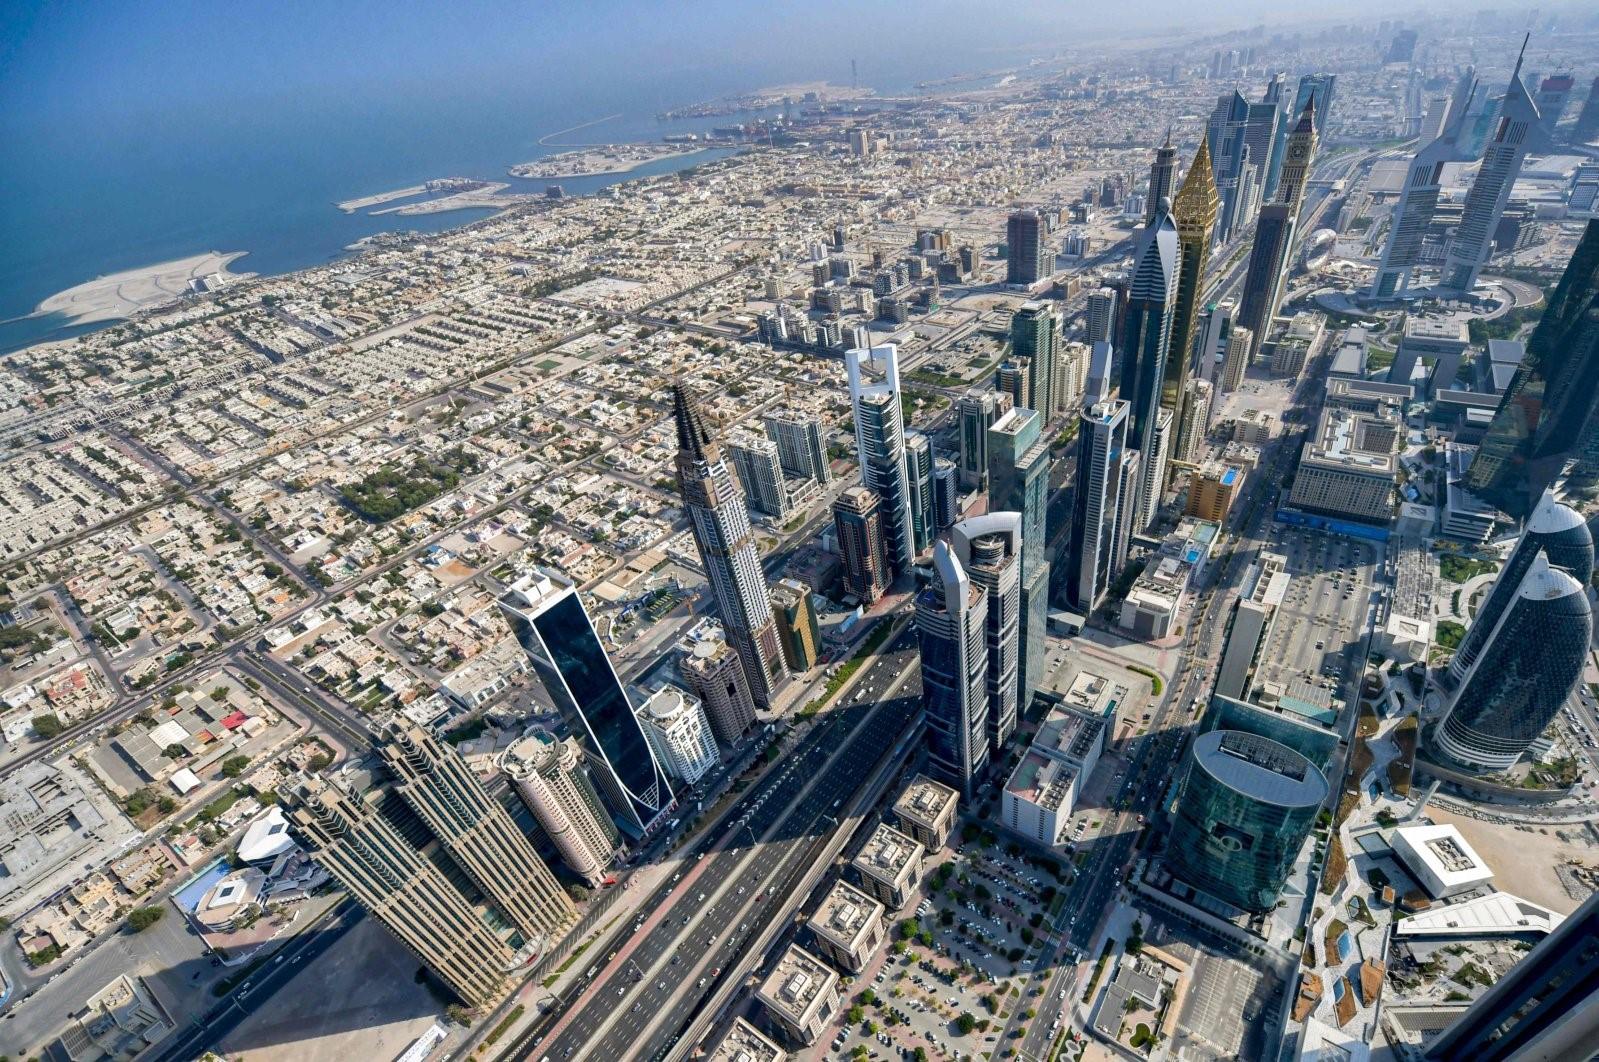 土耳其电商协会与迪拜商会合作组建虚拟委员会,旨在促进中东与北非市场!